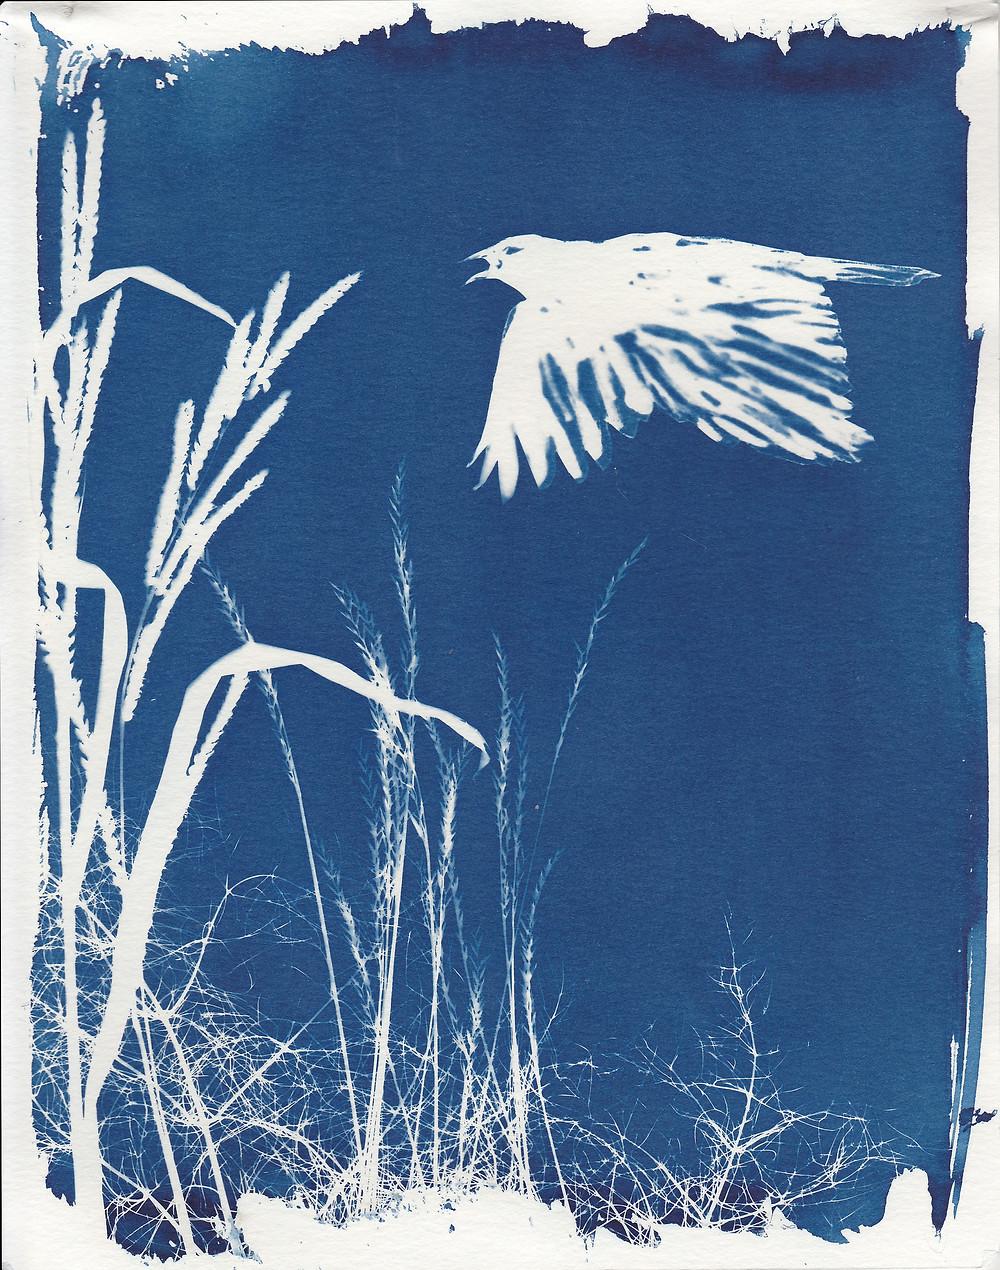 Flying Crow cyanotype